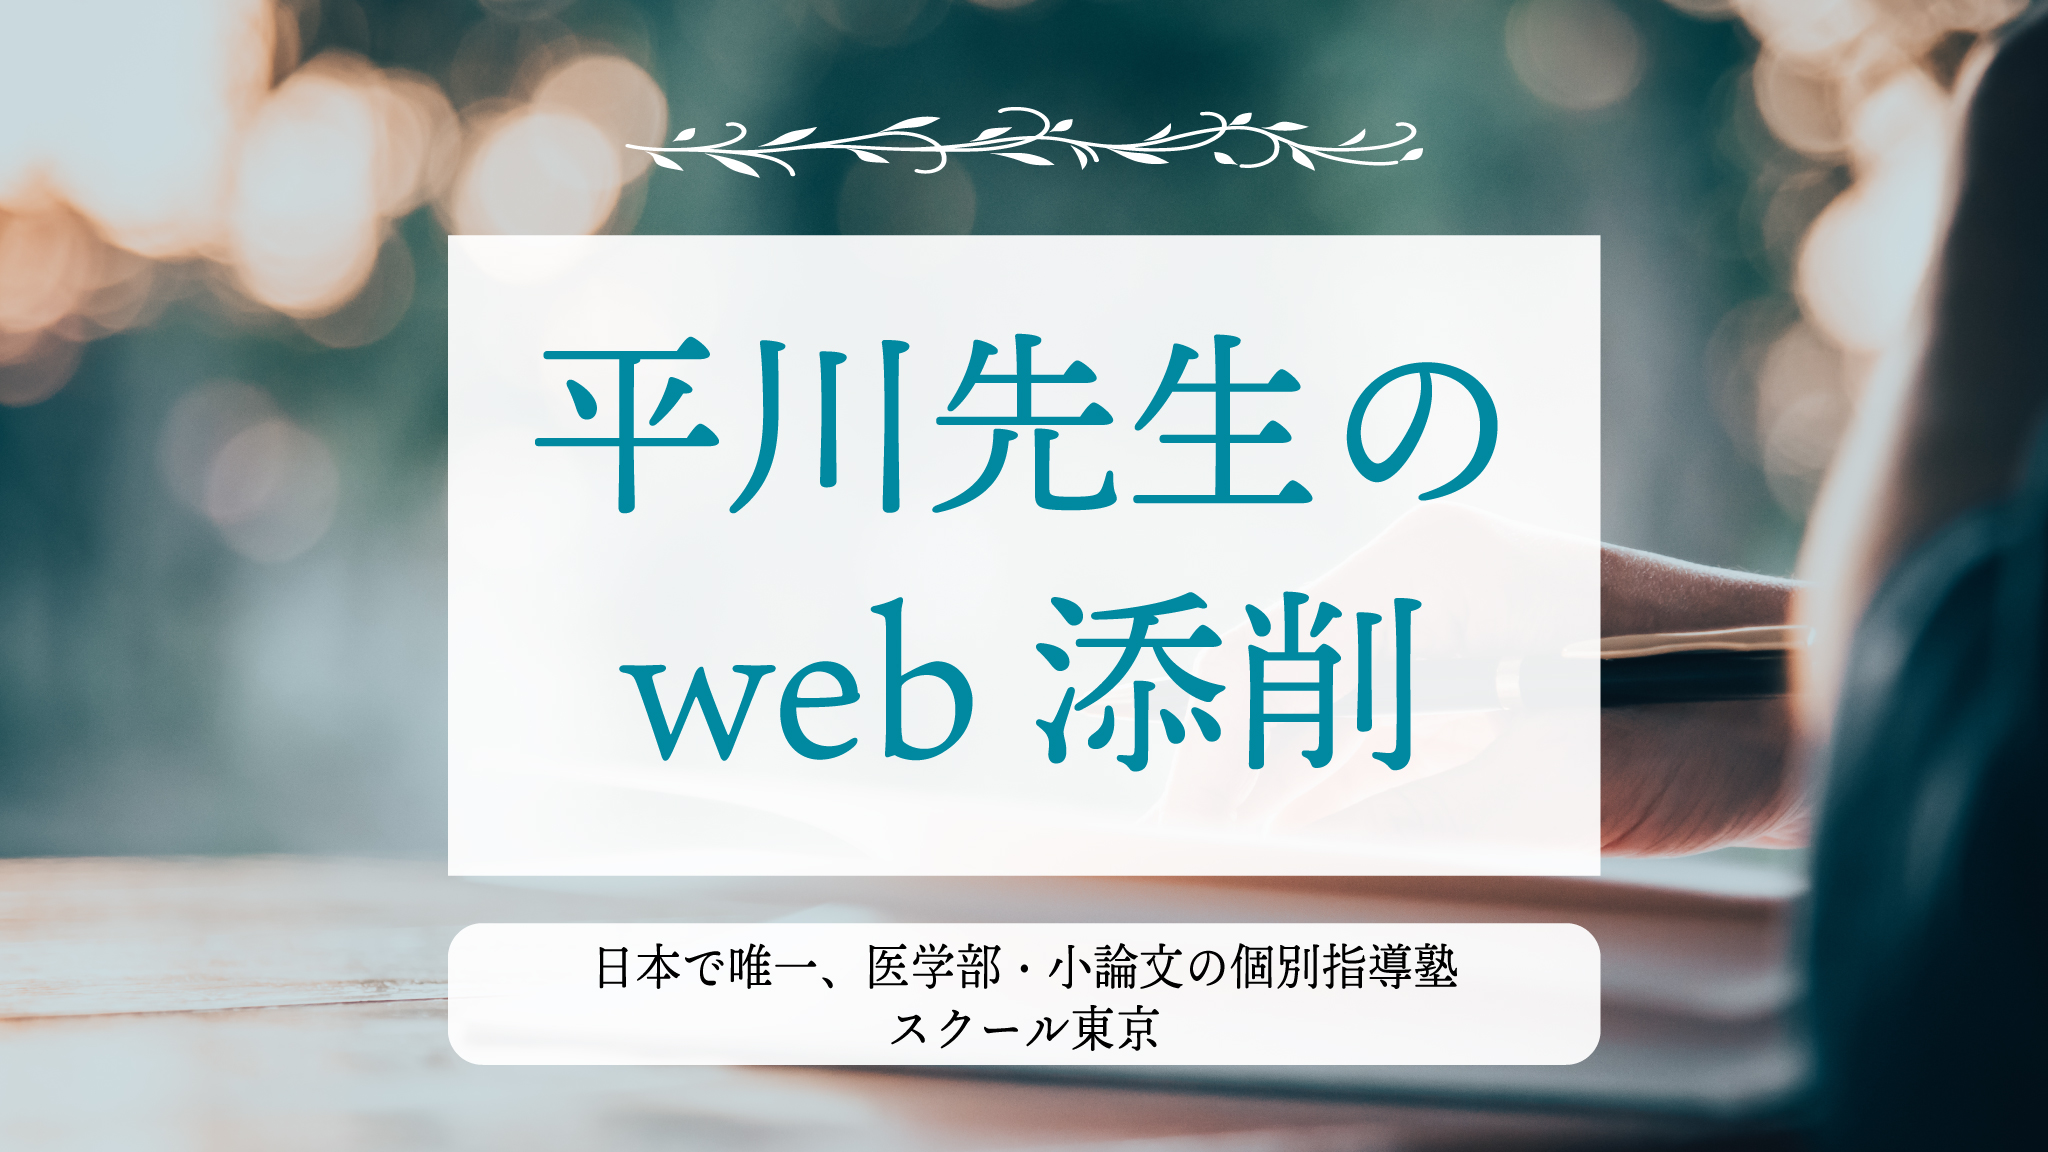 医学部受験|小論文|対策講座|平川先生のweb添削